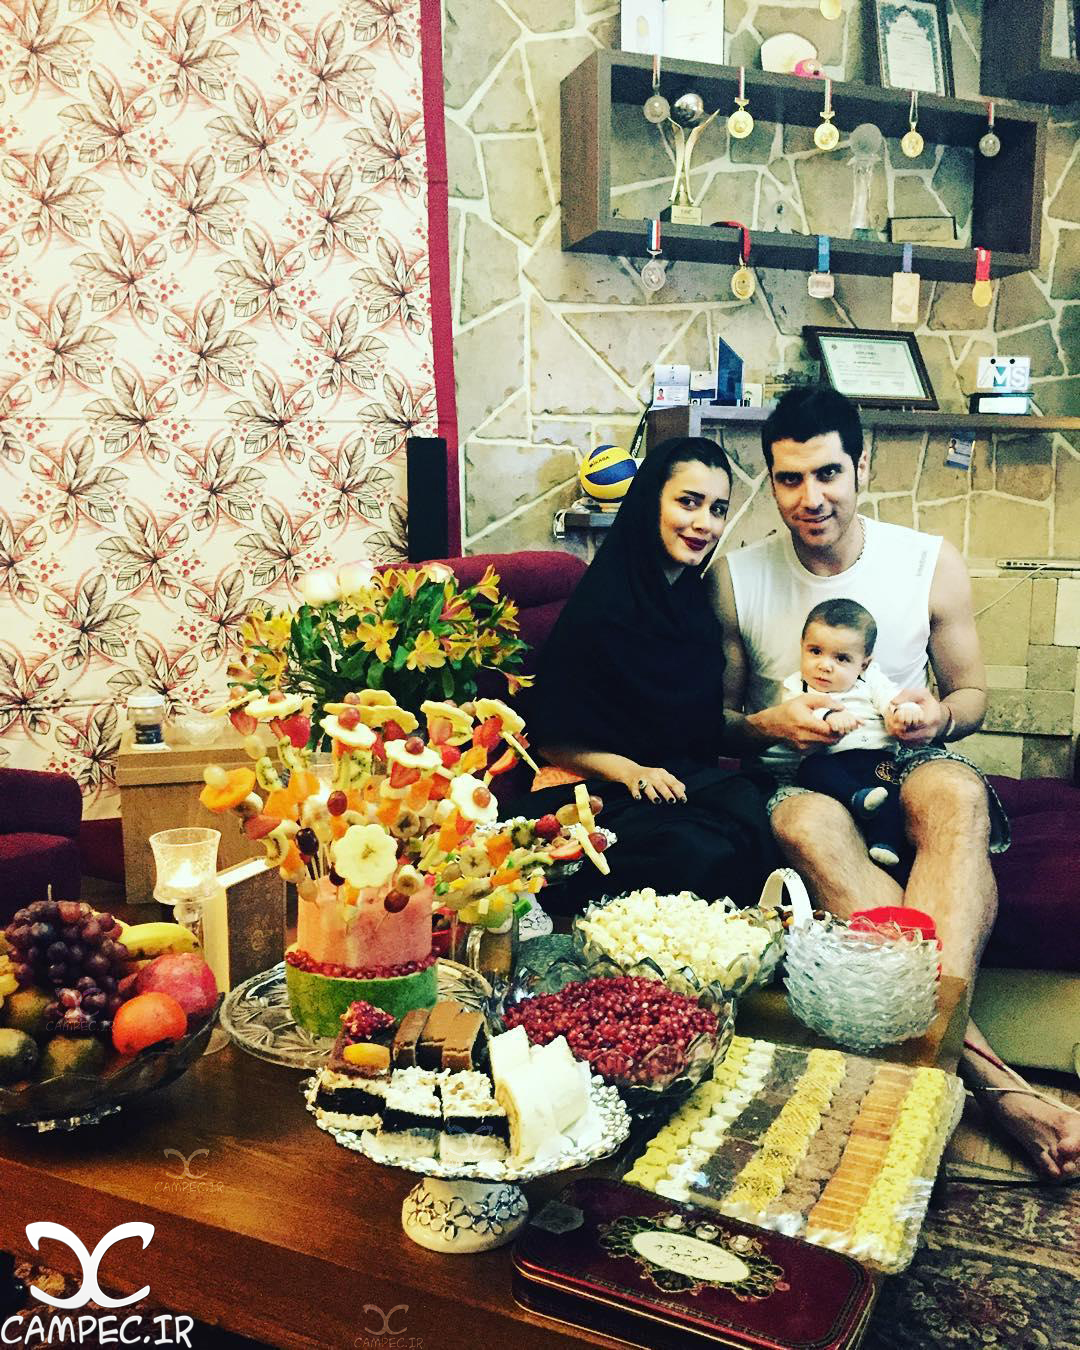 عکس شخصی شهرام محمودی با همسرش